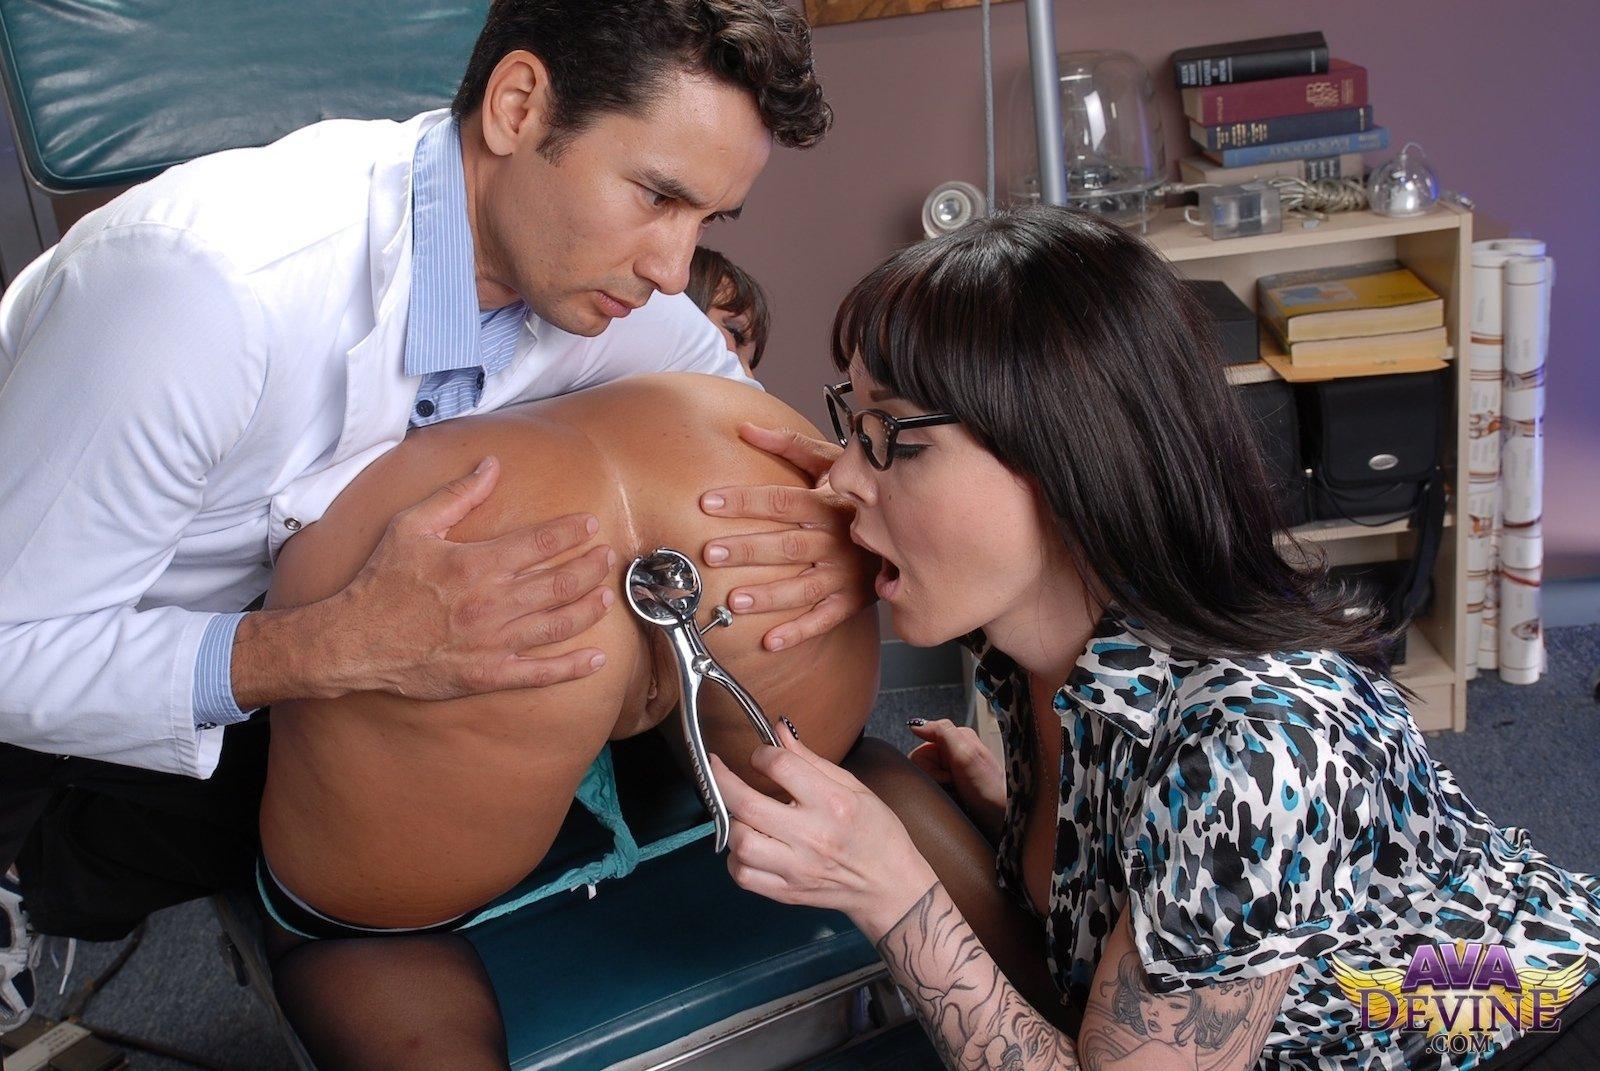 Секс втроем - Фото галерея 798339